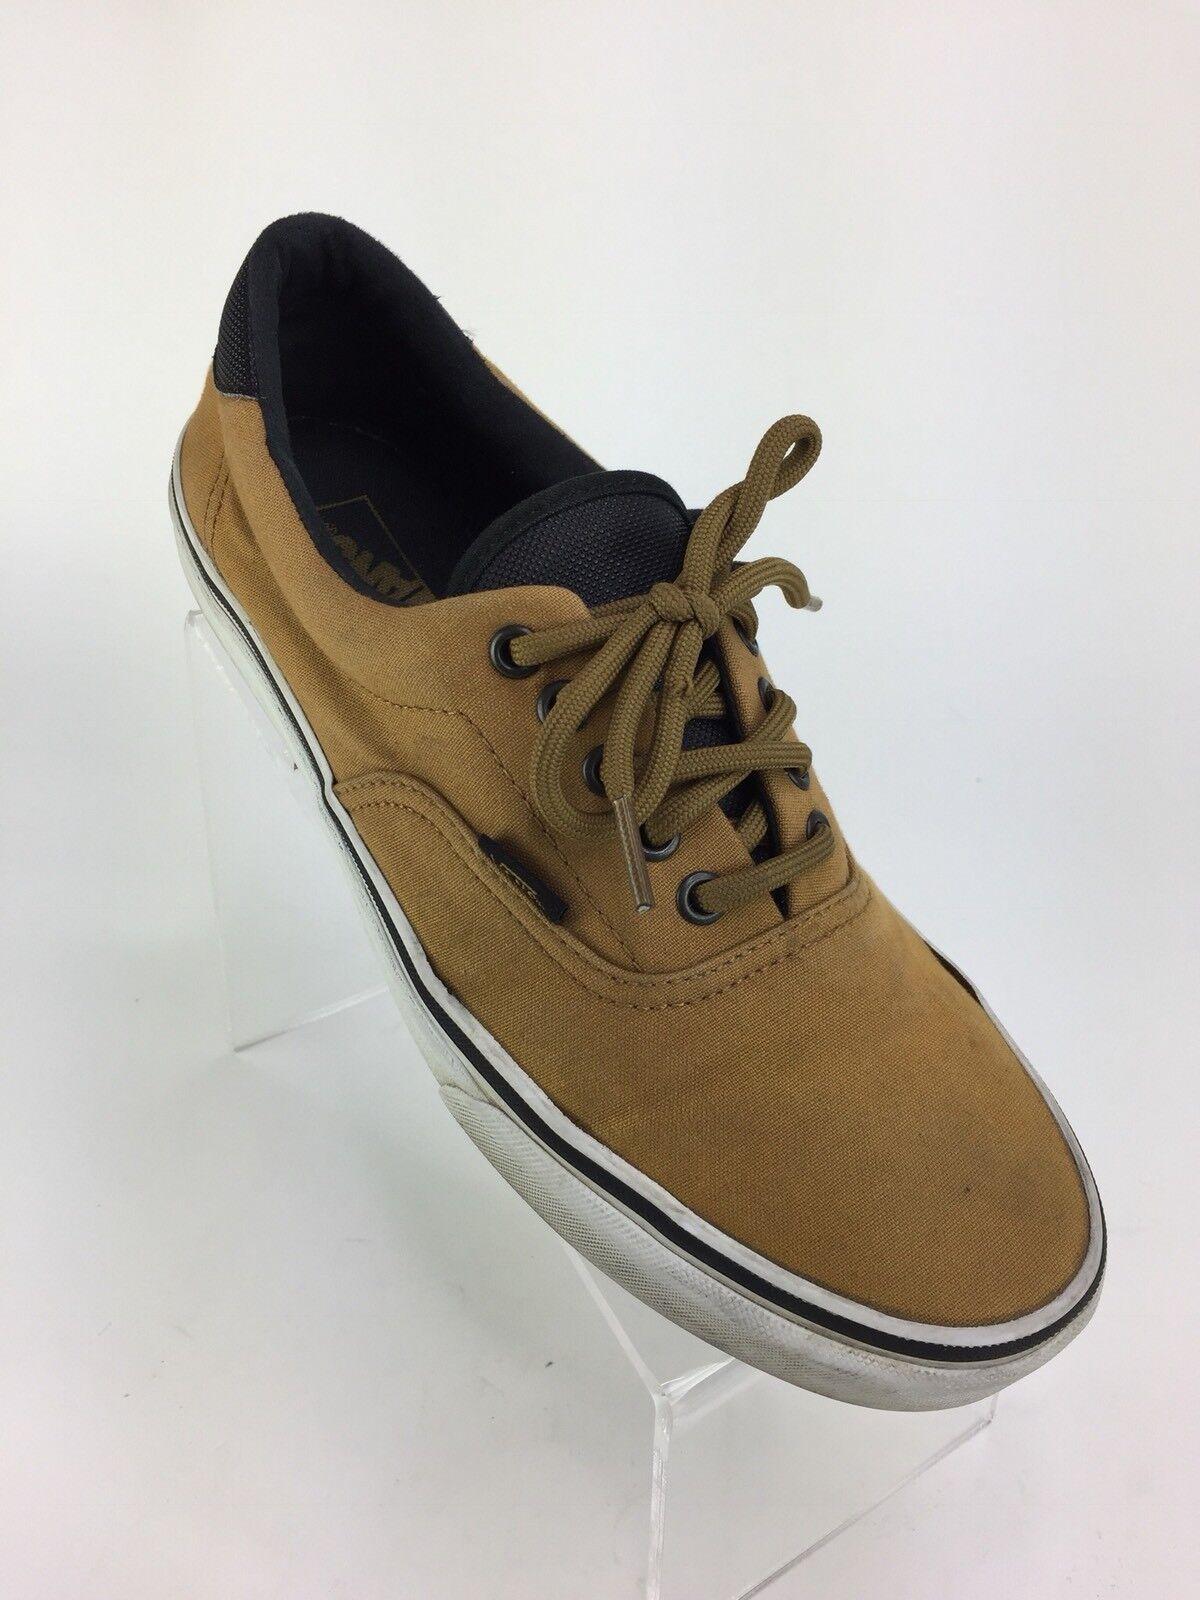 Vans Era '59 Mens Sneakers Sneakers Mens Military Fashion Brown Yellow Black US 9.5 SB cd83da